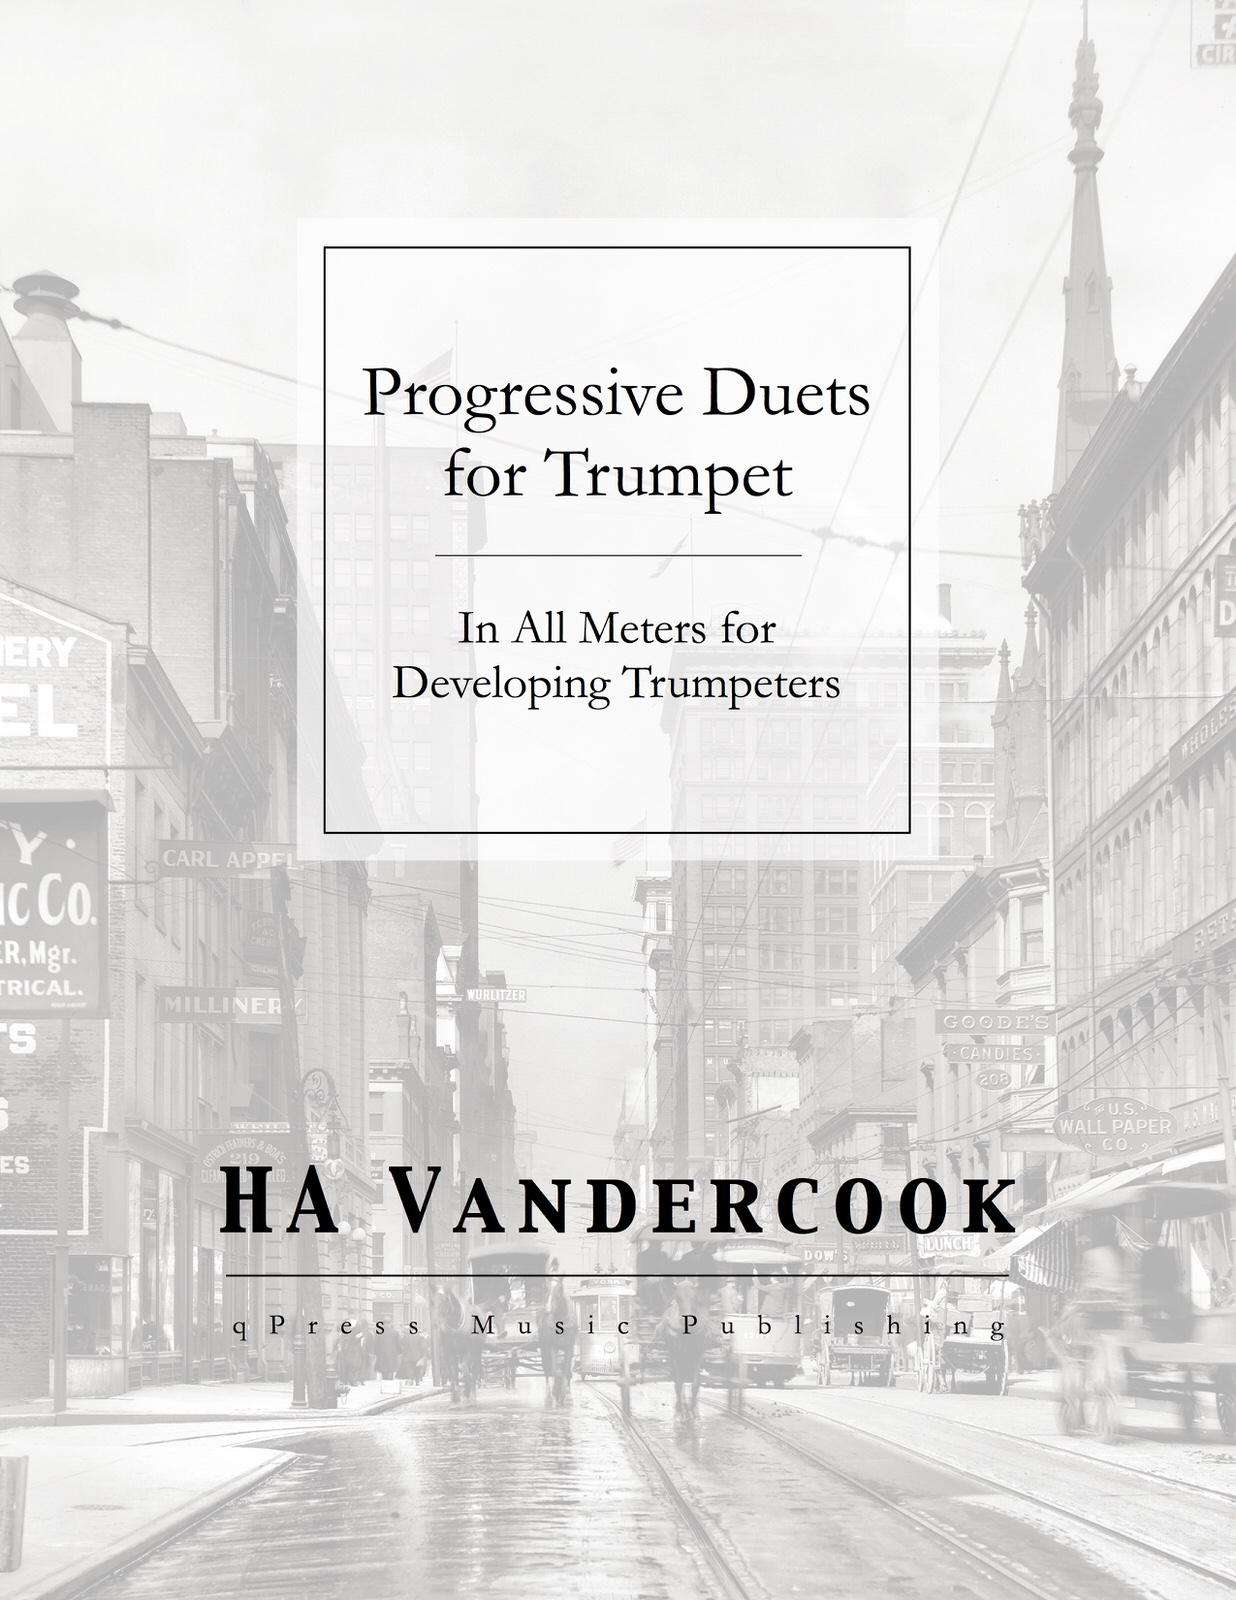 Vandercook, Progressive Duets for Trumpet-p01